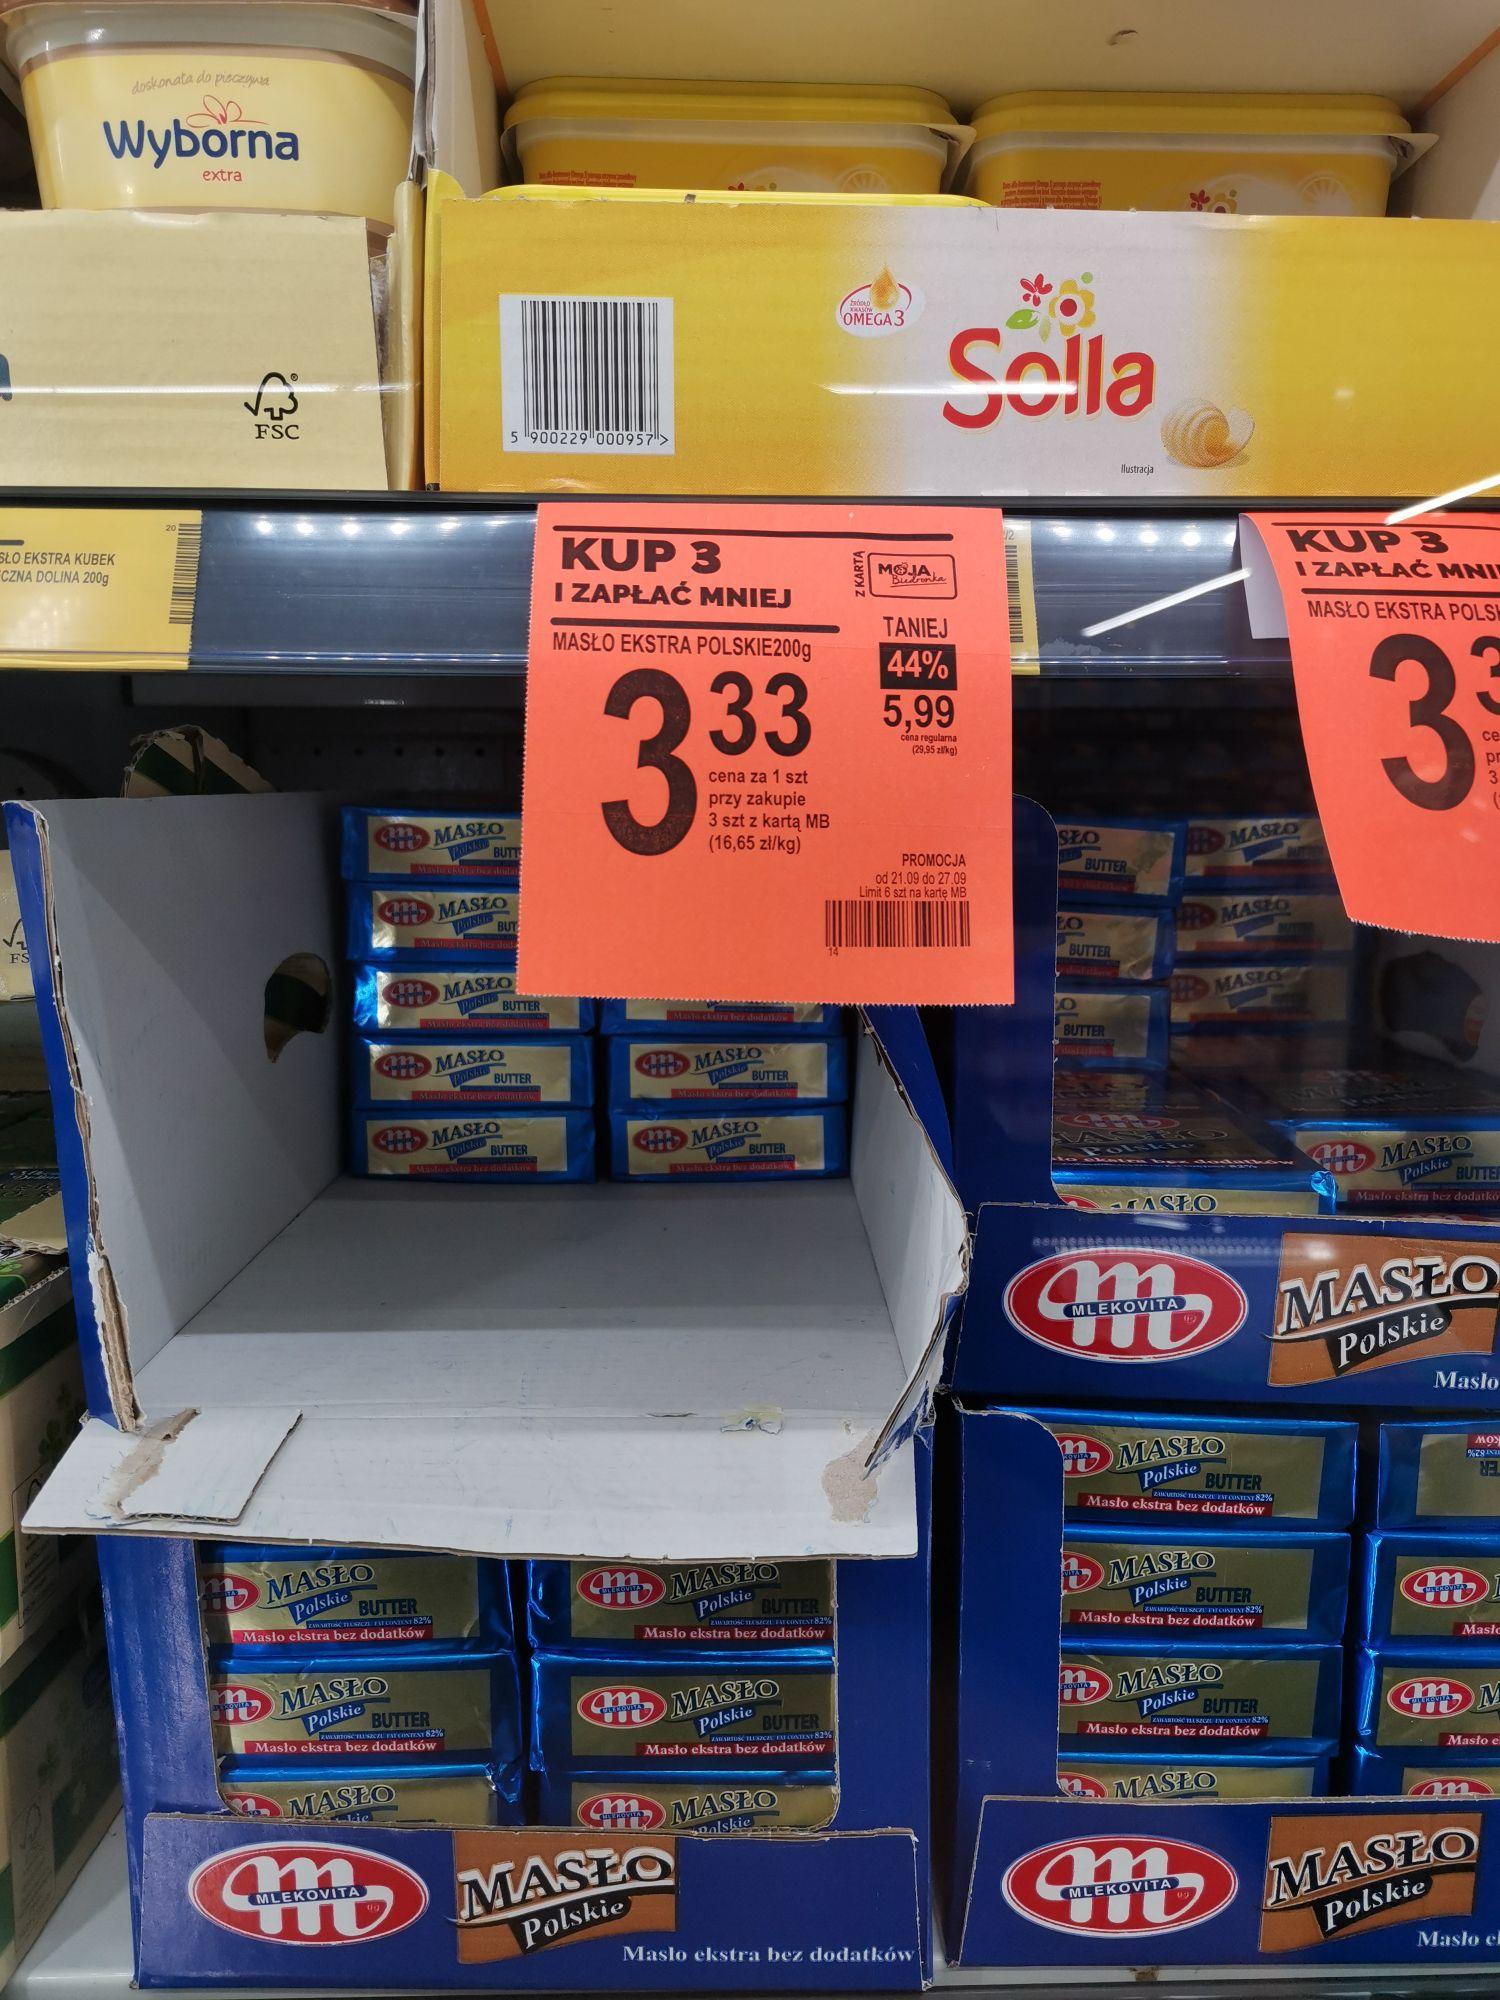 Masło za 3,33zł/szt przy zakupie 3 kostek